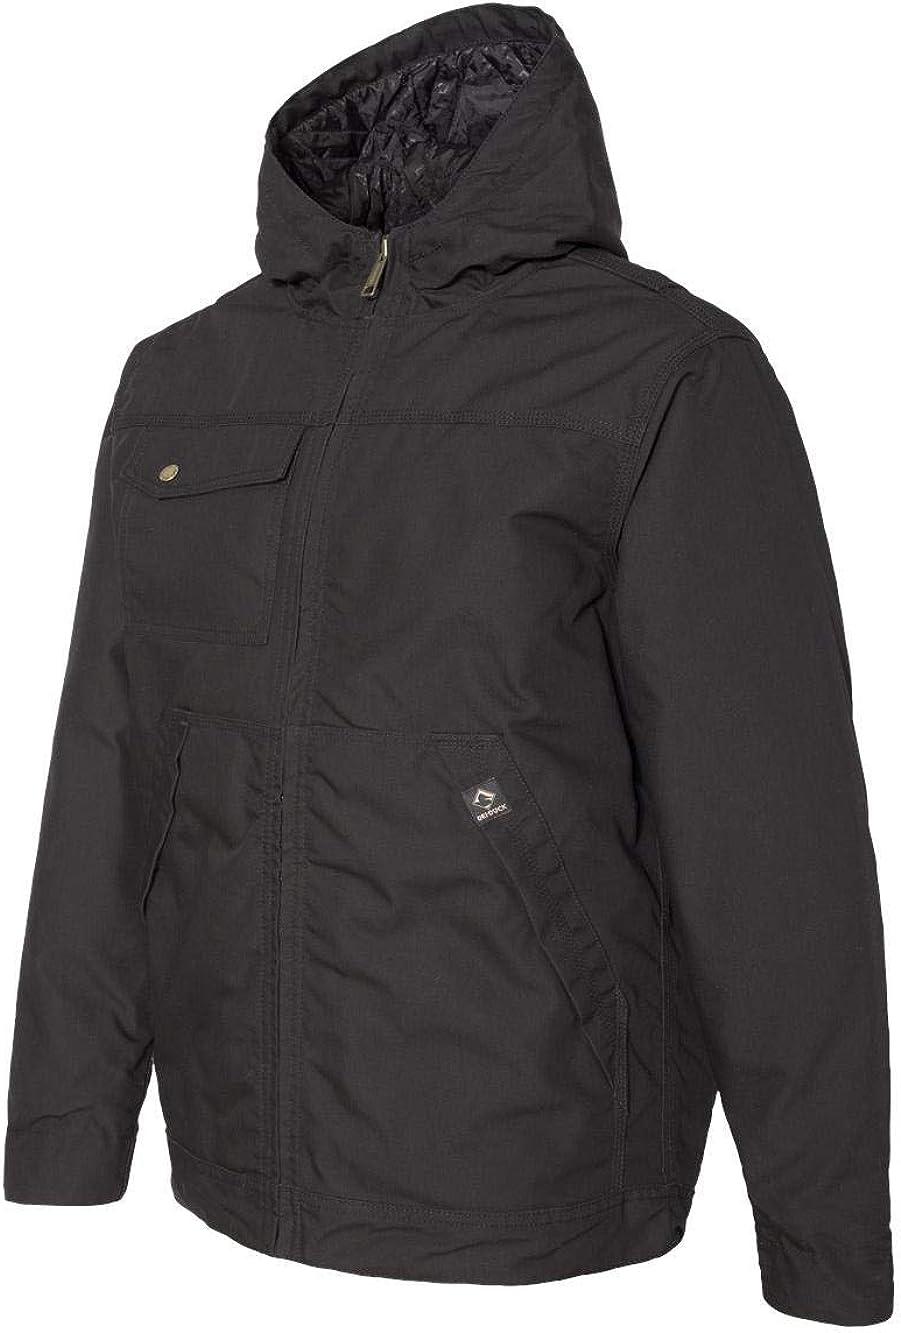 DRI Duck Mens 5065 Yukon Hooded Water Resistant Work Jacket